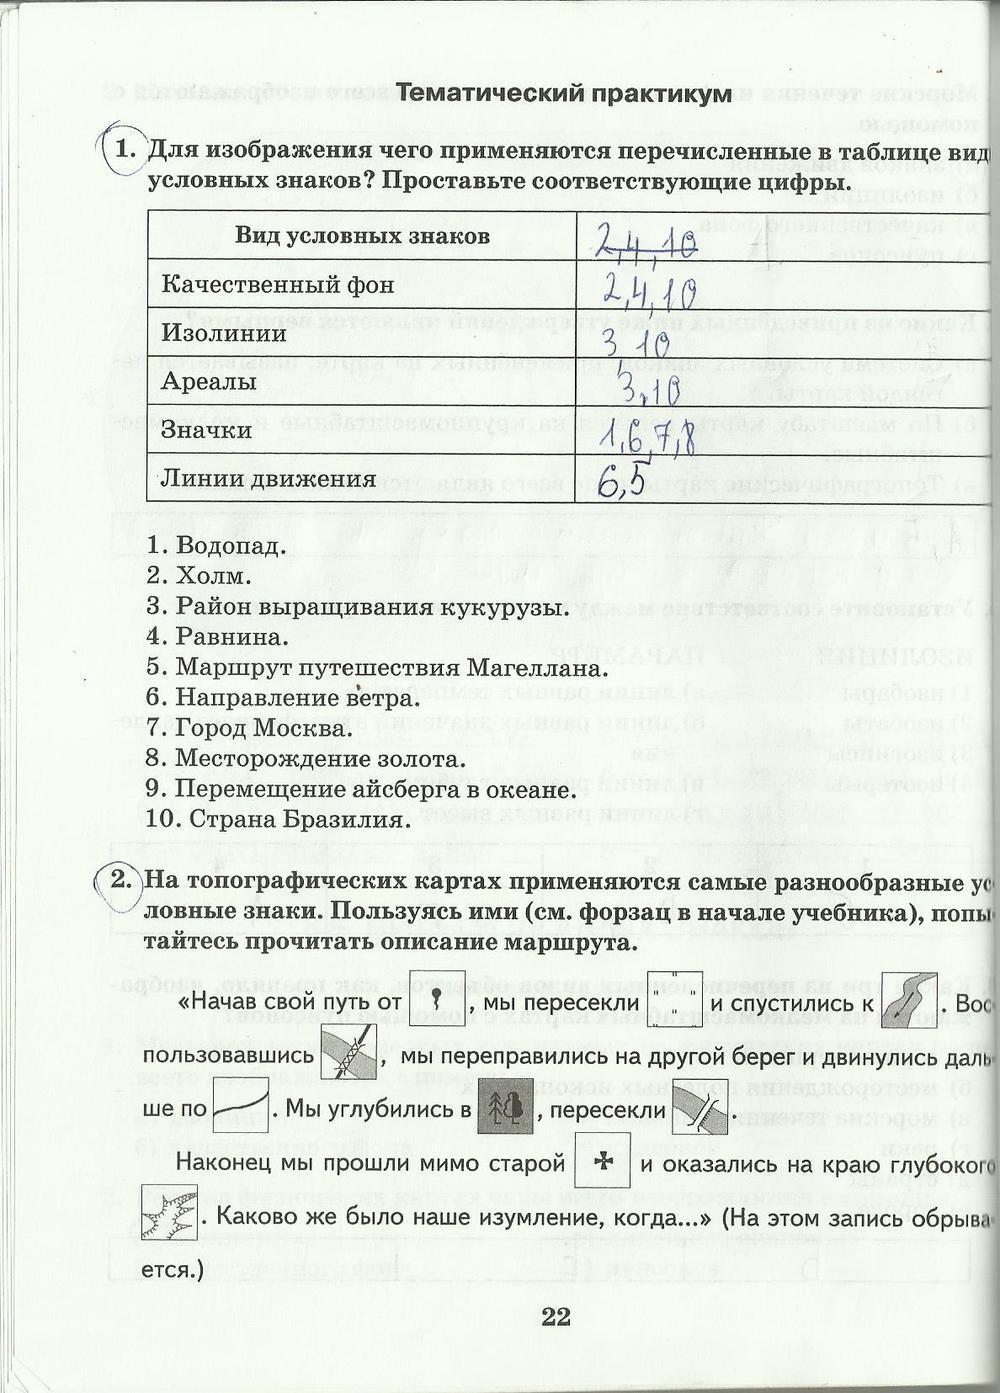 Гдз рабочая тетрадь по географии 6 класс домогацких и алексеевский